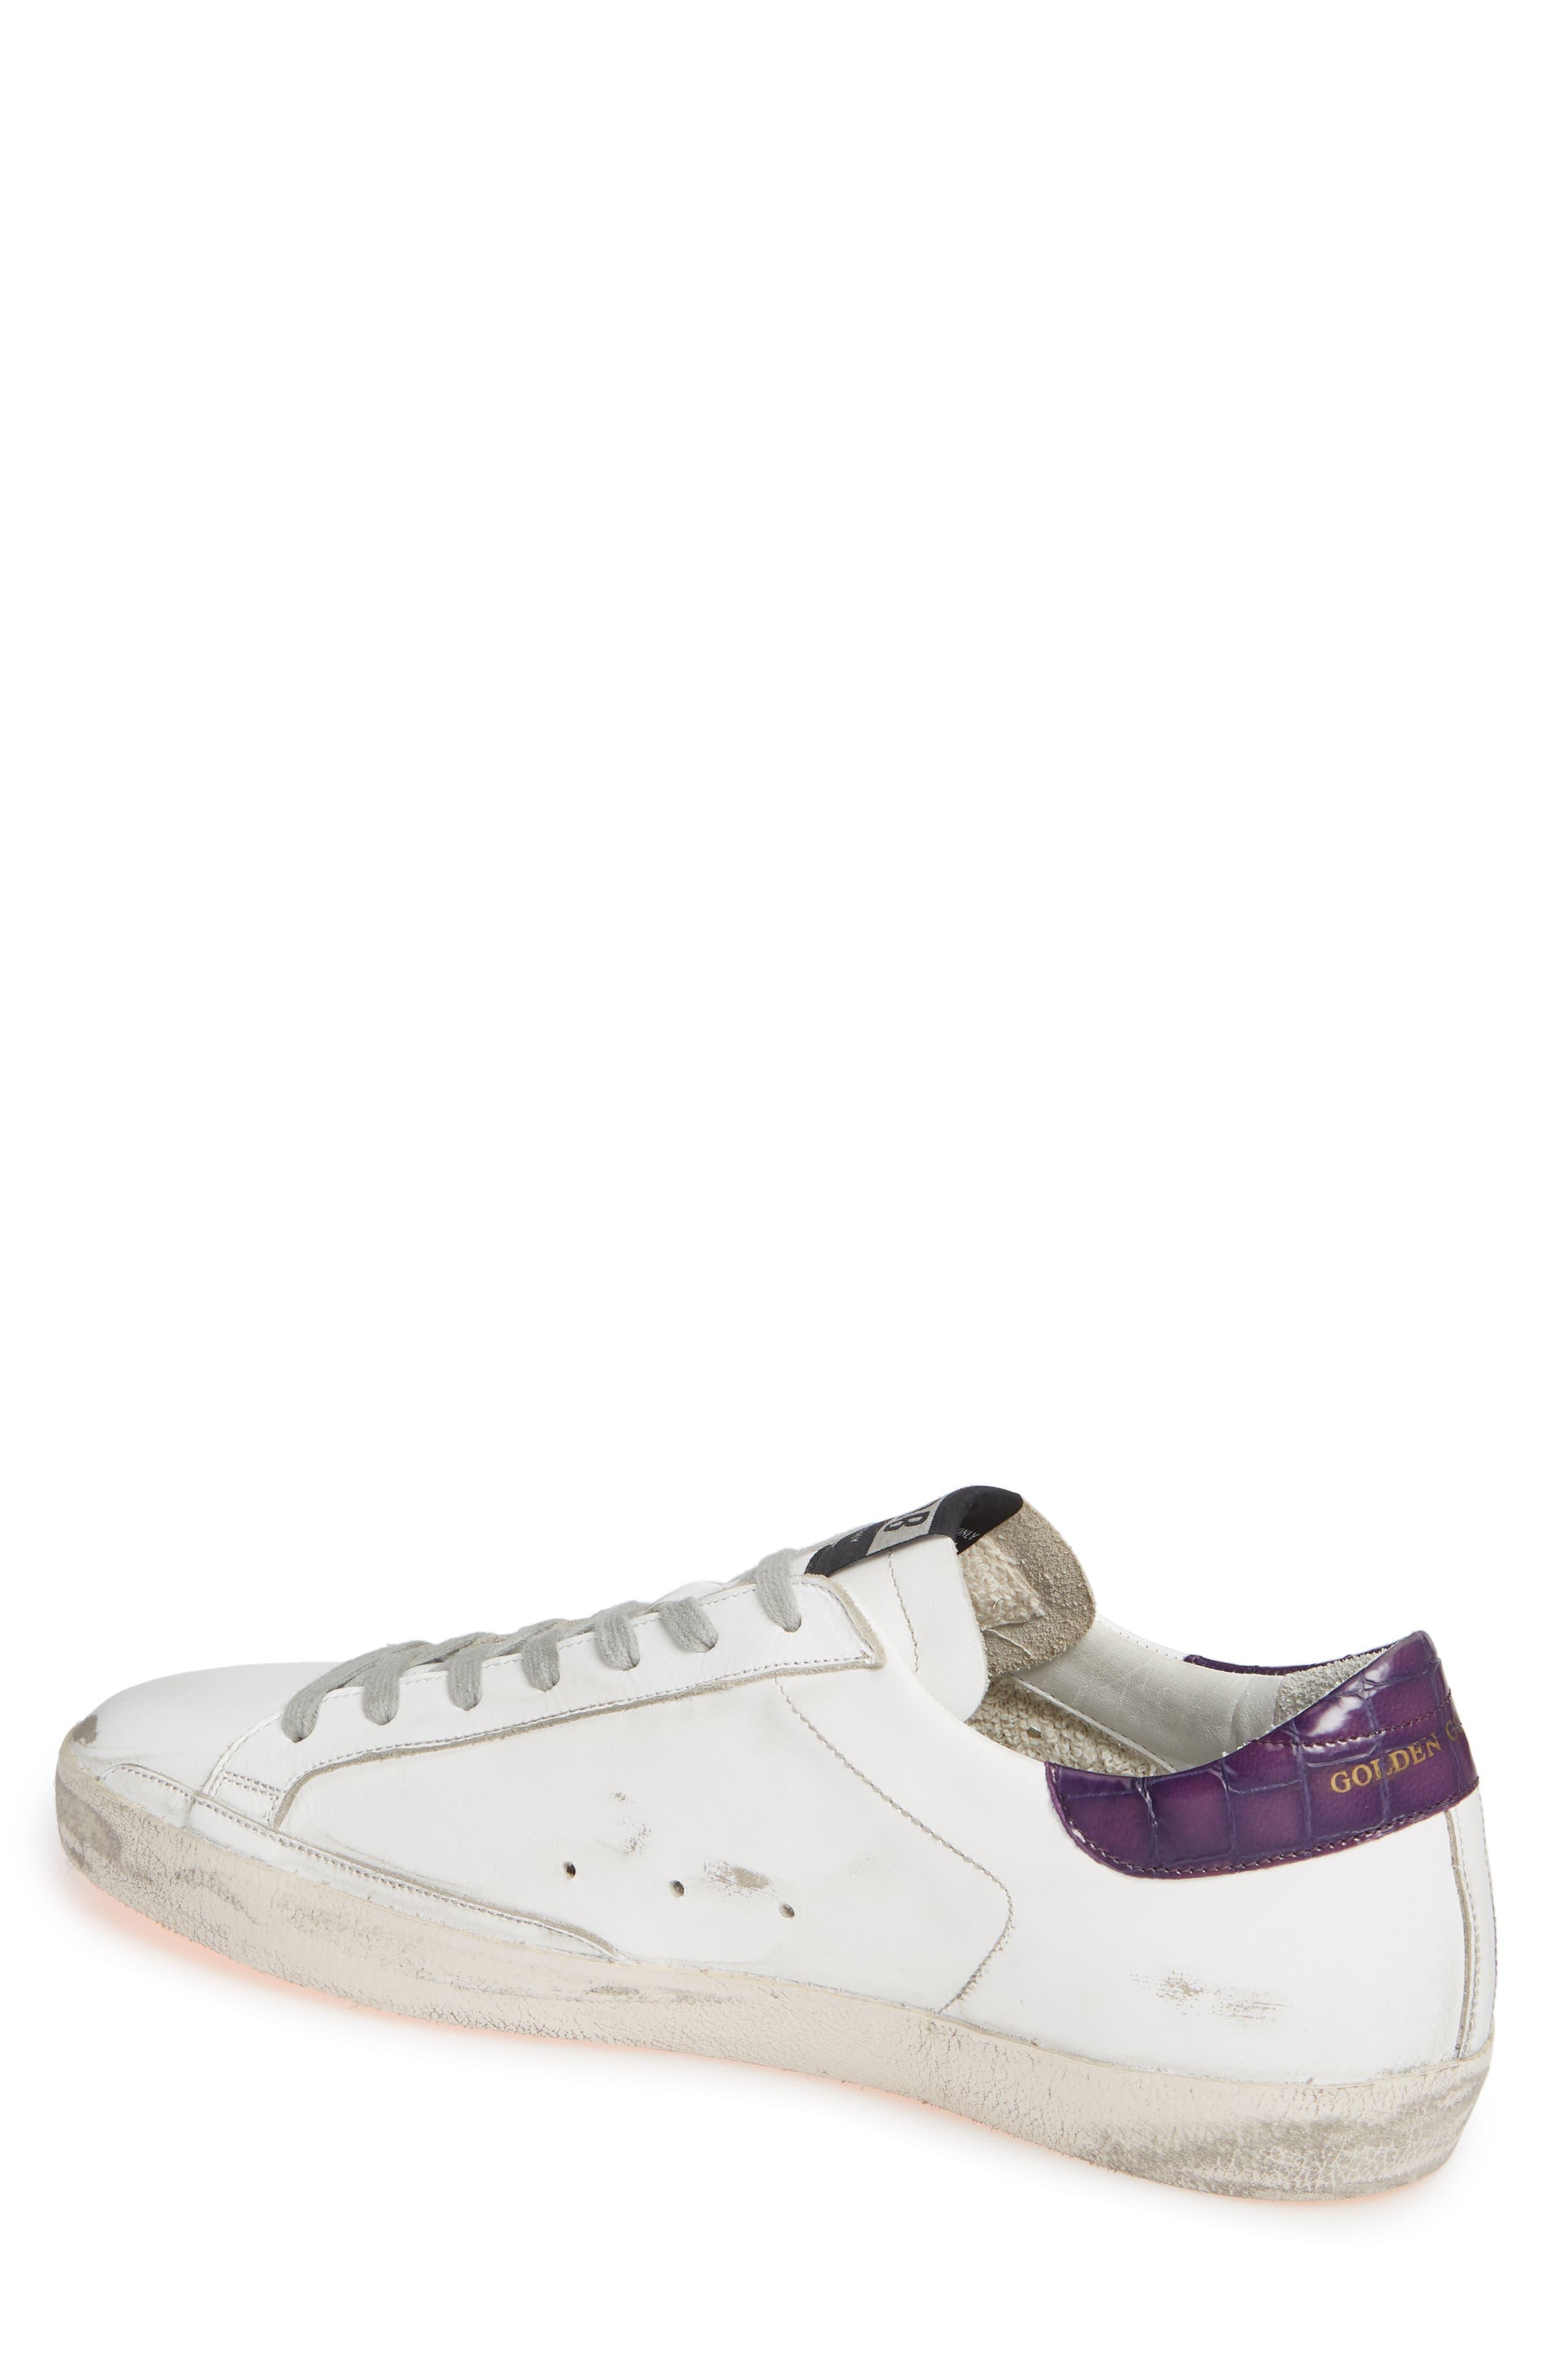 GOLDEN GOOSE,                             'Superstar' Sneaker,                             Alternate thumbnail 2, color,                             WHITE/ VIOLET